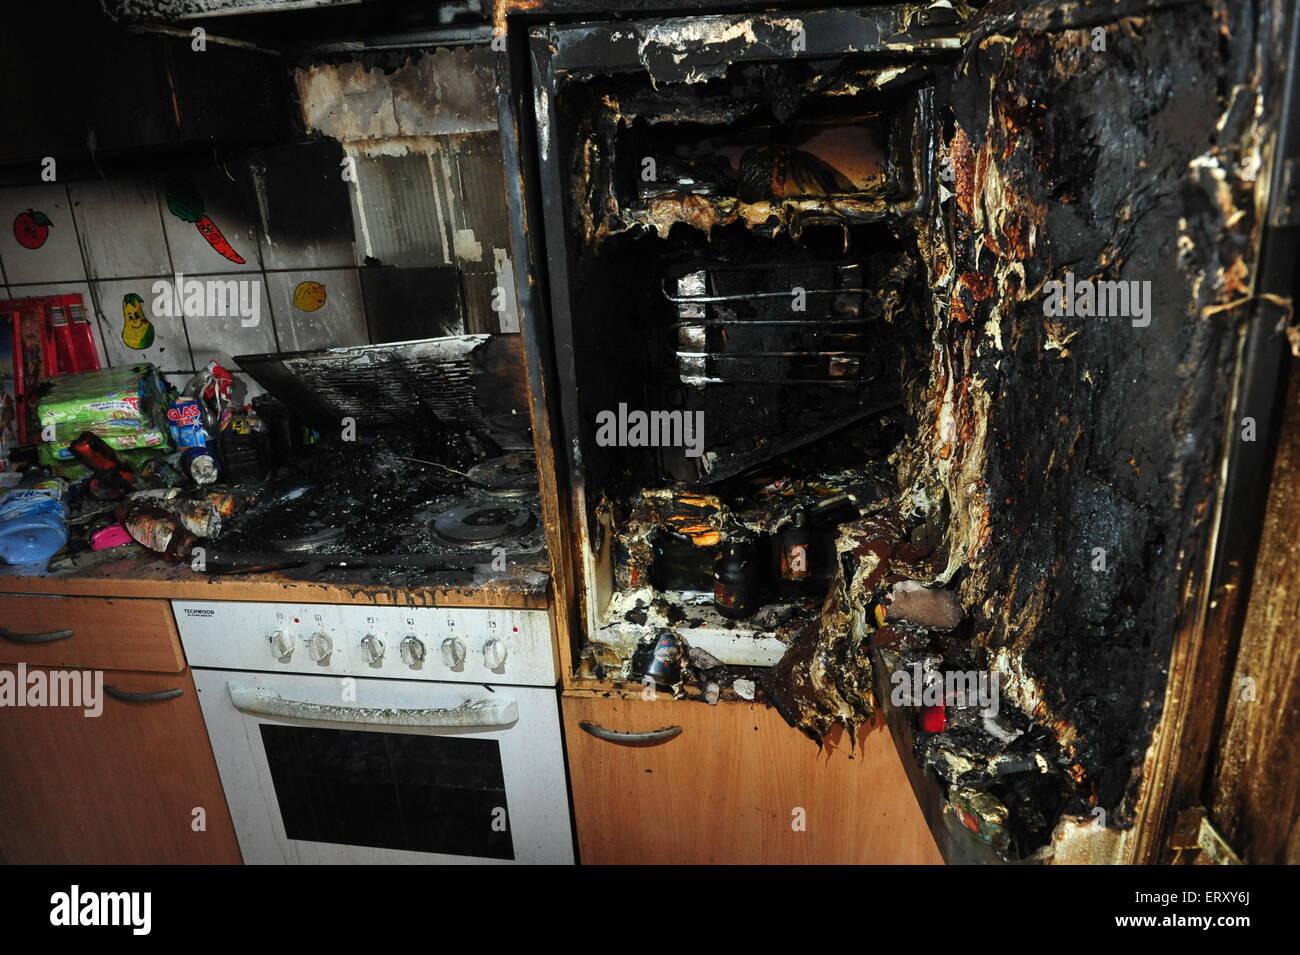 Cocina Quemada Despues De Los Incendios Ocasionados Por